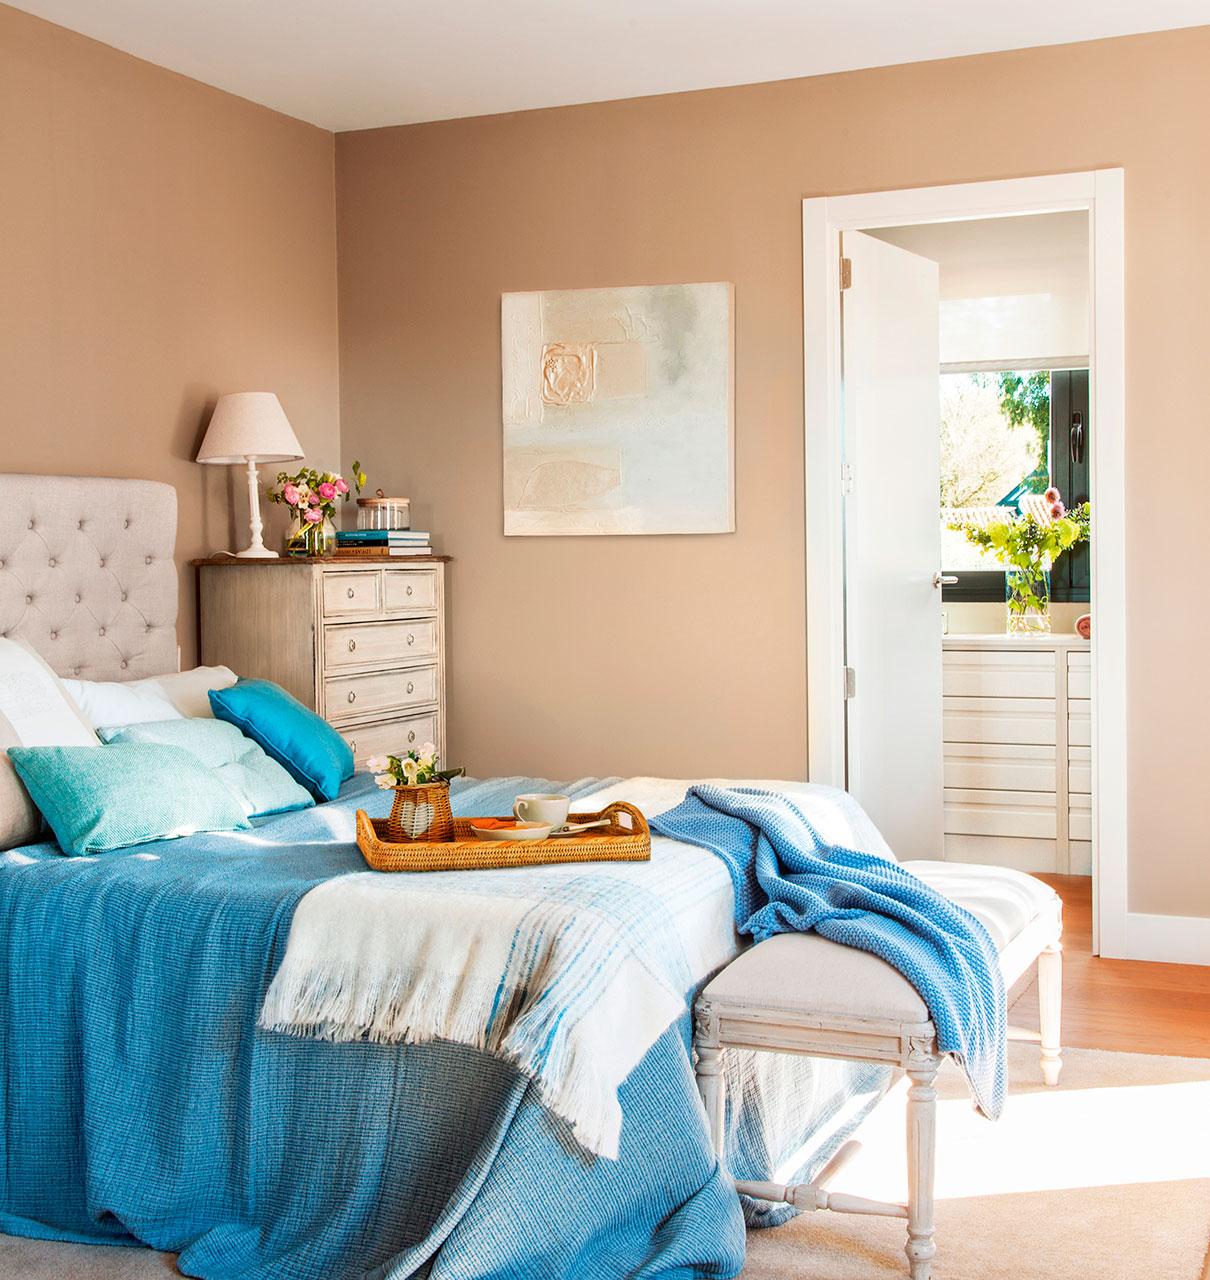 Dormitorios pr cticos y elegantes - Comodas para habitacion ...